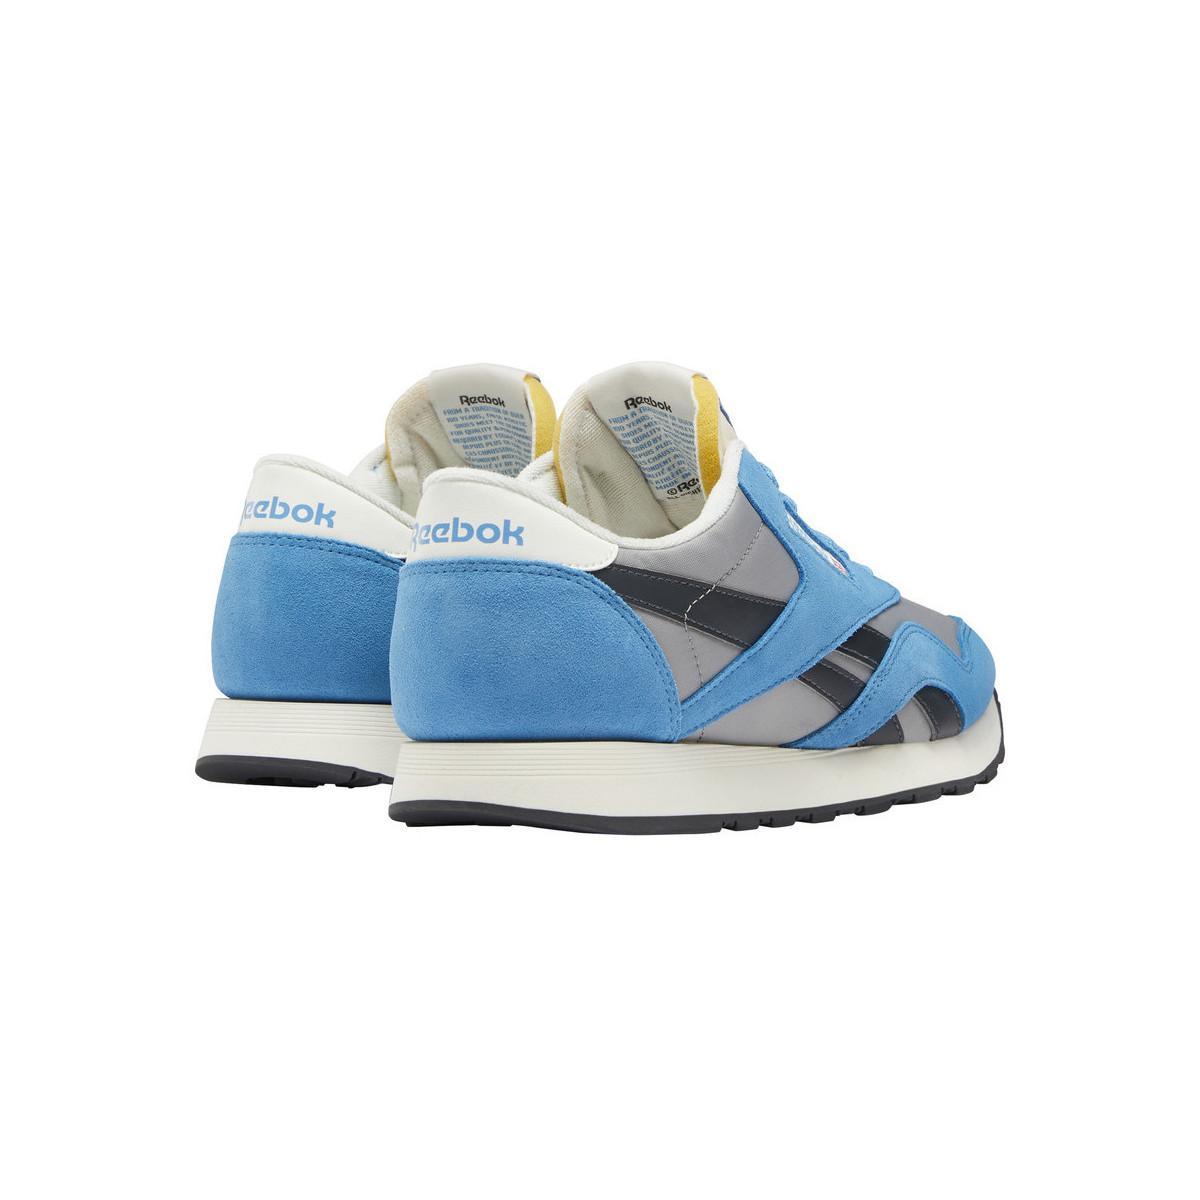 Basket CLASSIC NYLON hommes Chaussures en bleu Synthétique Reebok pour homme en coloris Bleu OQFP